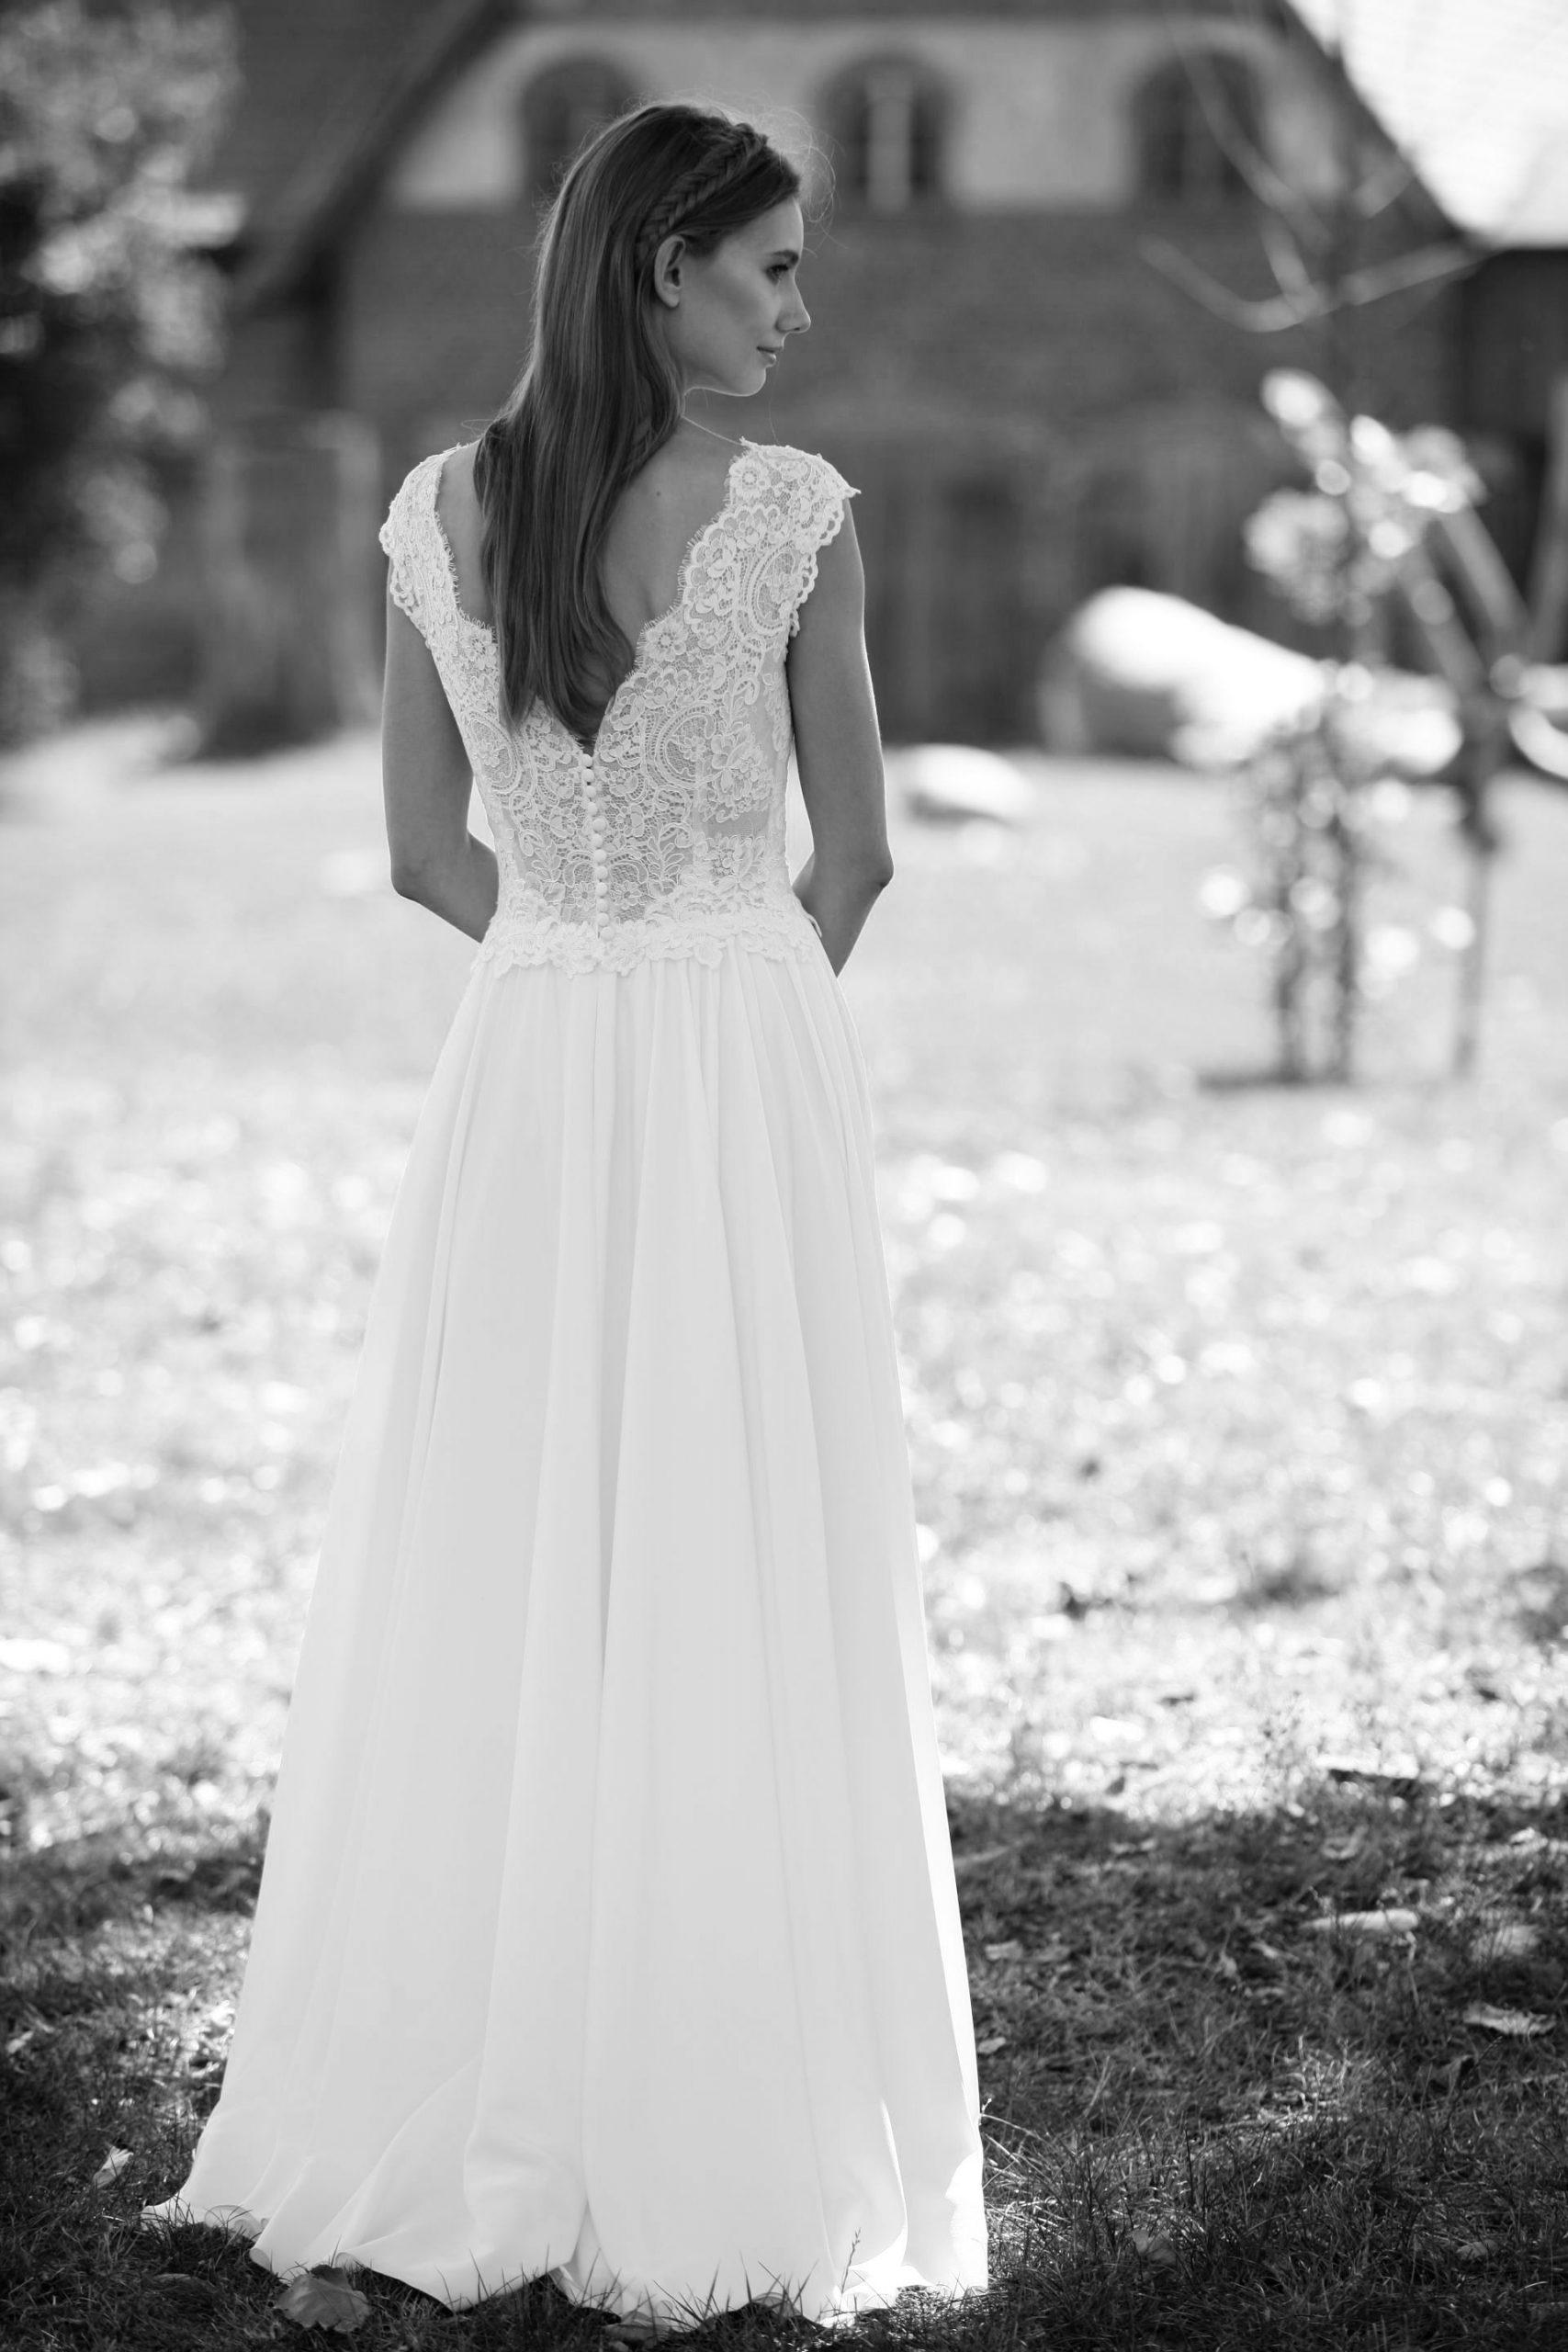 Modell Kira 827  Vintage Hochzeit Kleider Kleid